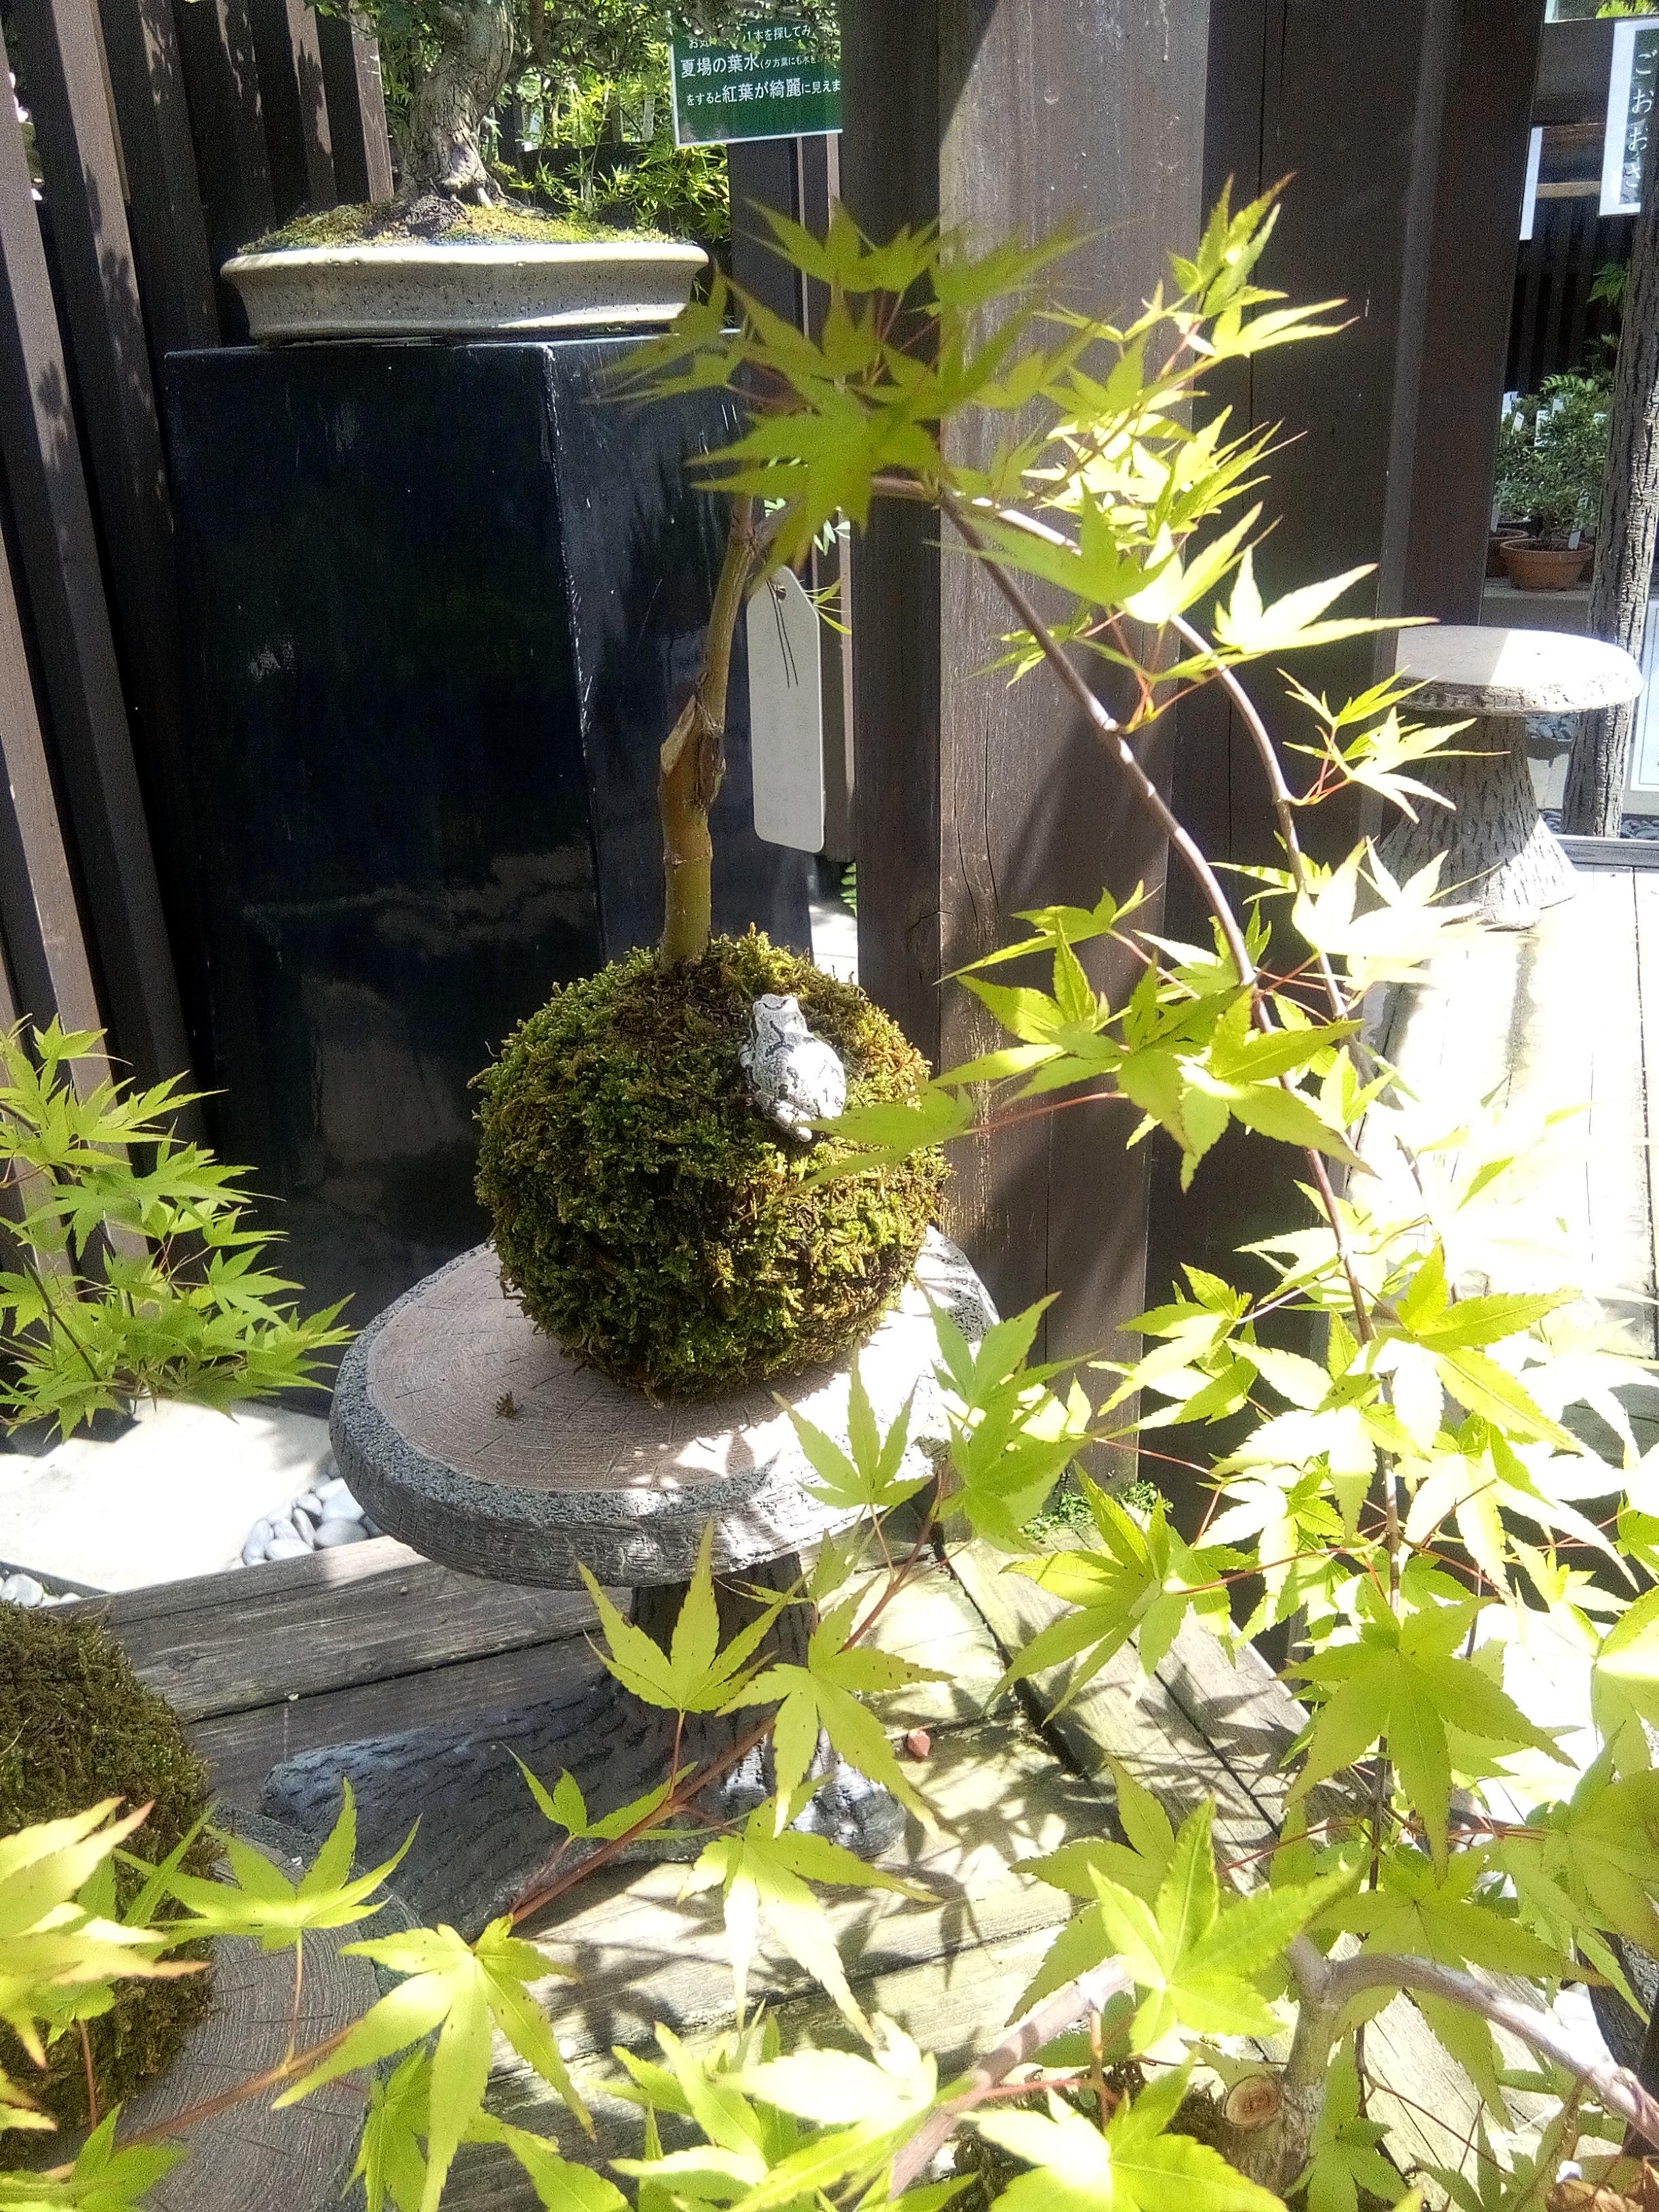 Petite grenouille prenant le soleil au pied du bonsaï